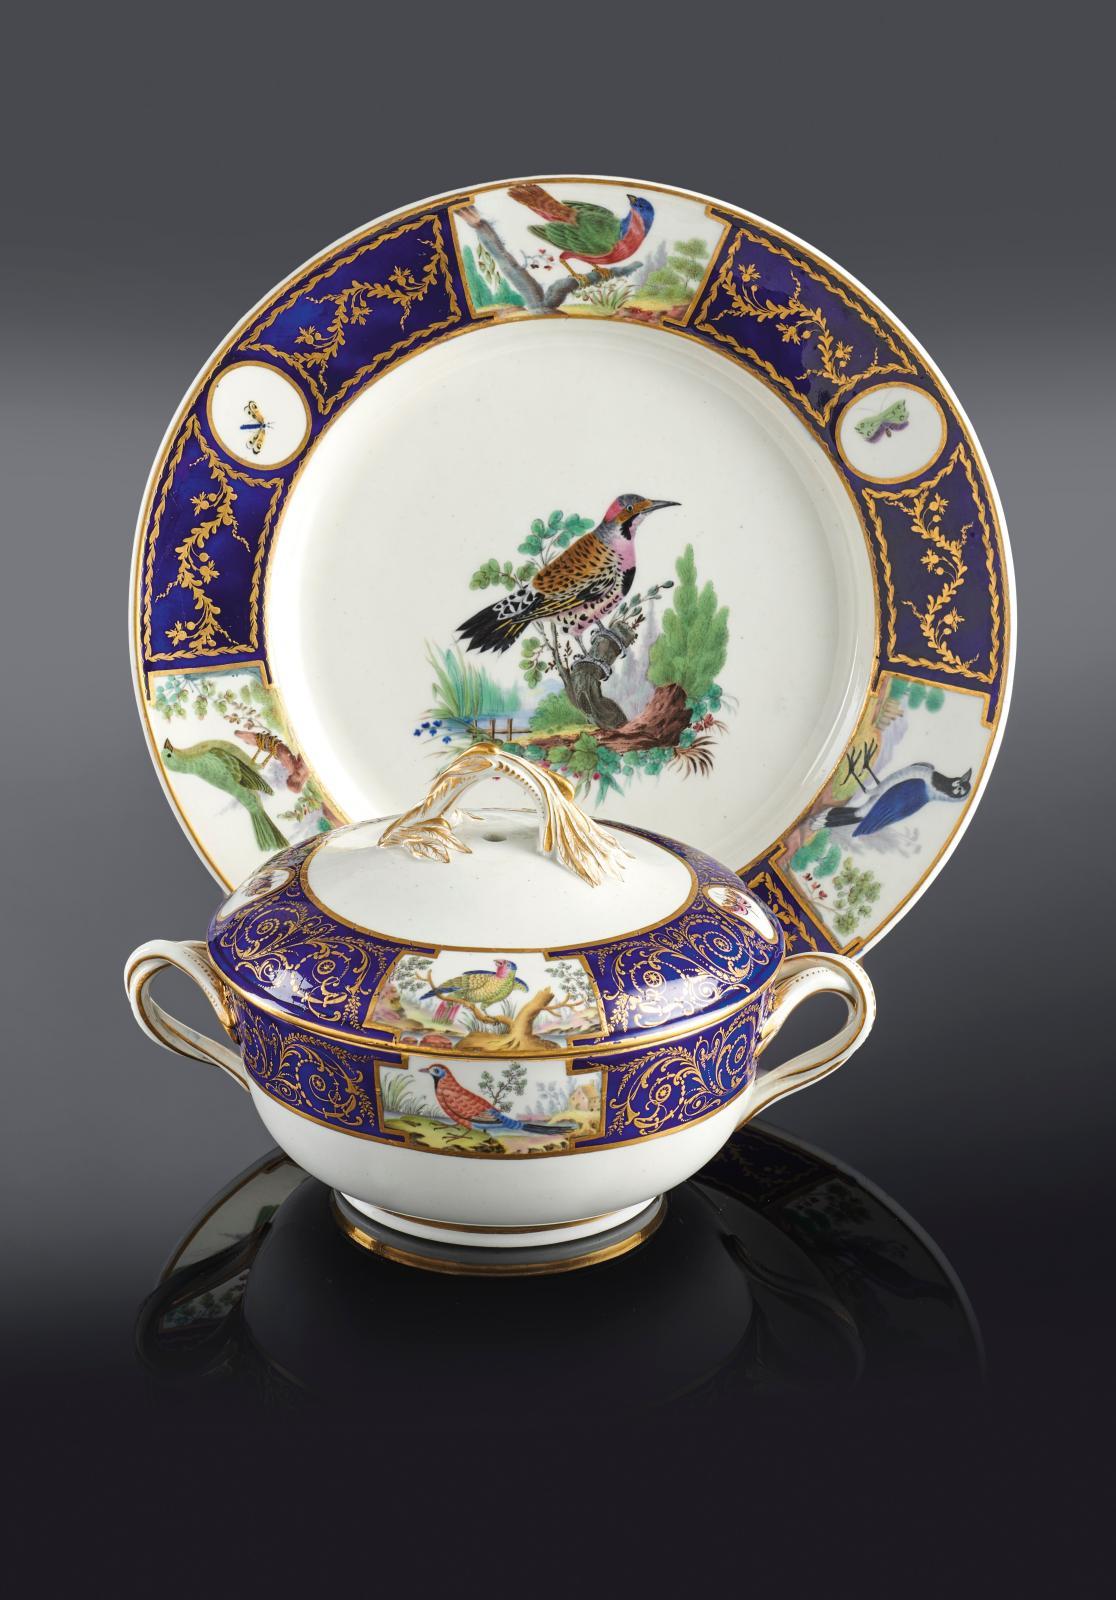 Tournai, vers 1787. Écuelle et assiette en porcelaine tendre du service du duc d'Orléans d'après l'Histoire naturelle des oiseaux du comte de Buffon,